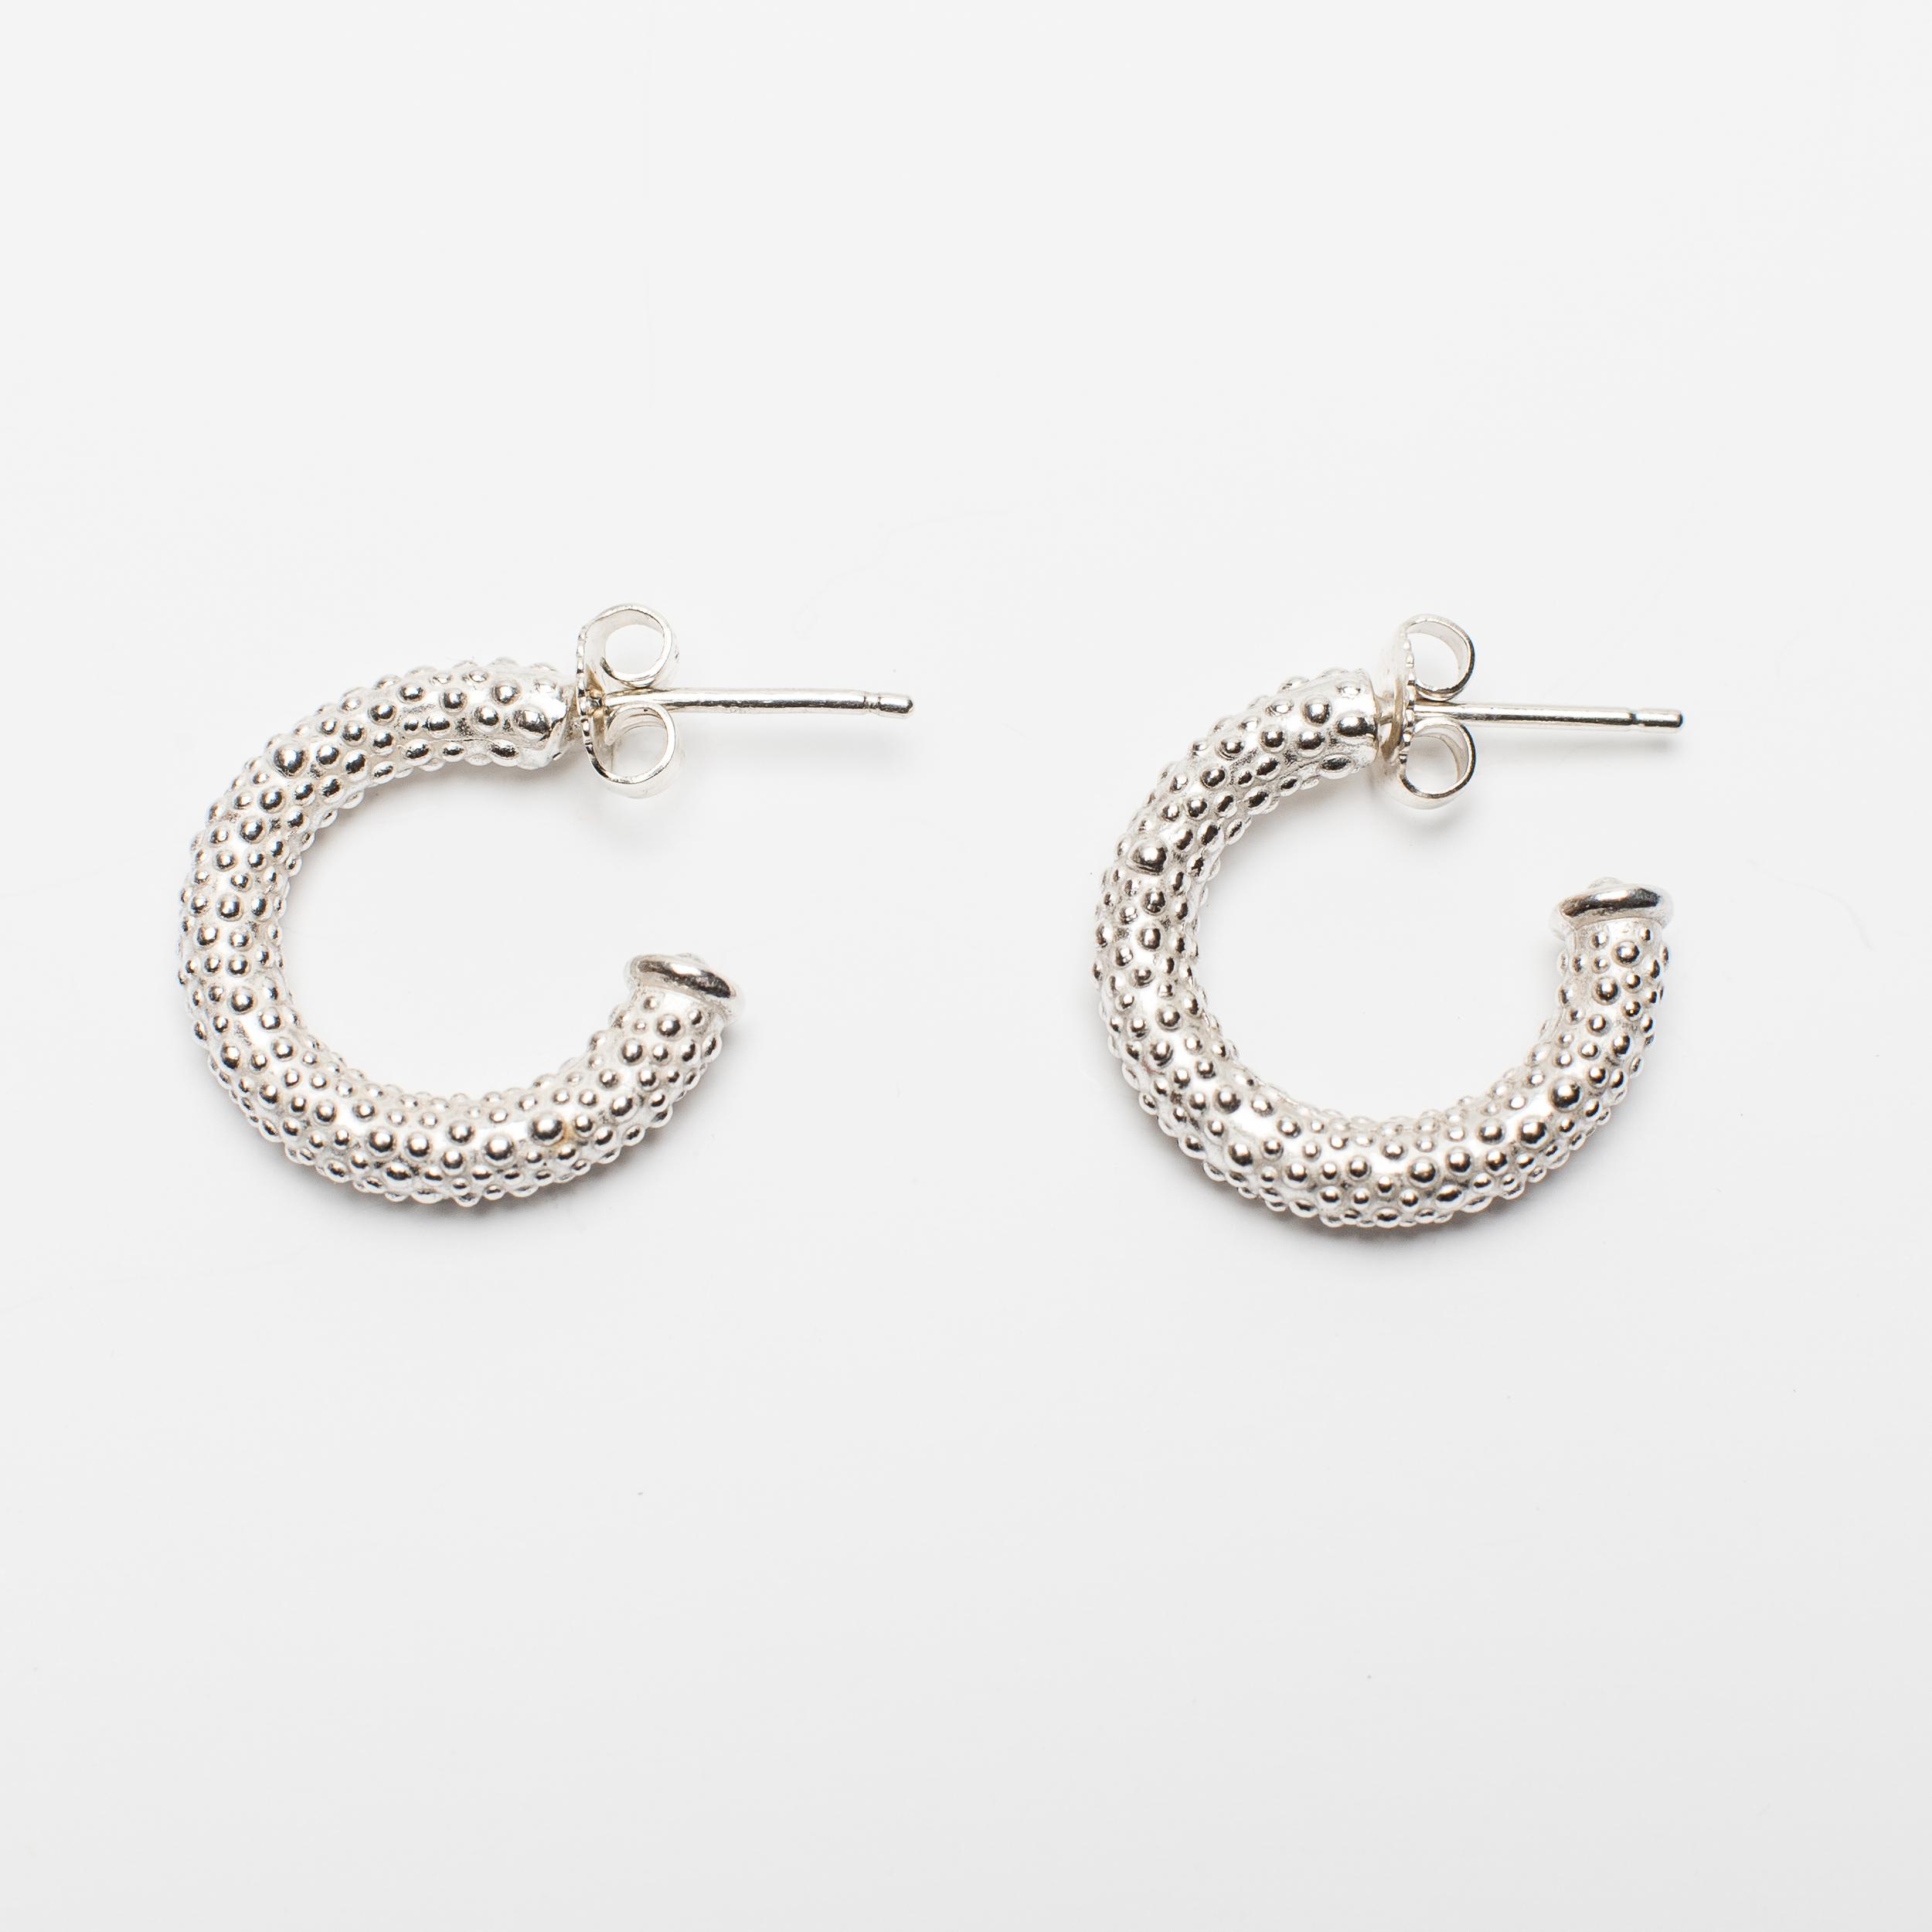 Catherine Hills Jewellery. Spotted Hoop Earrings -  Silver.jpg